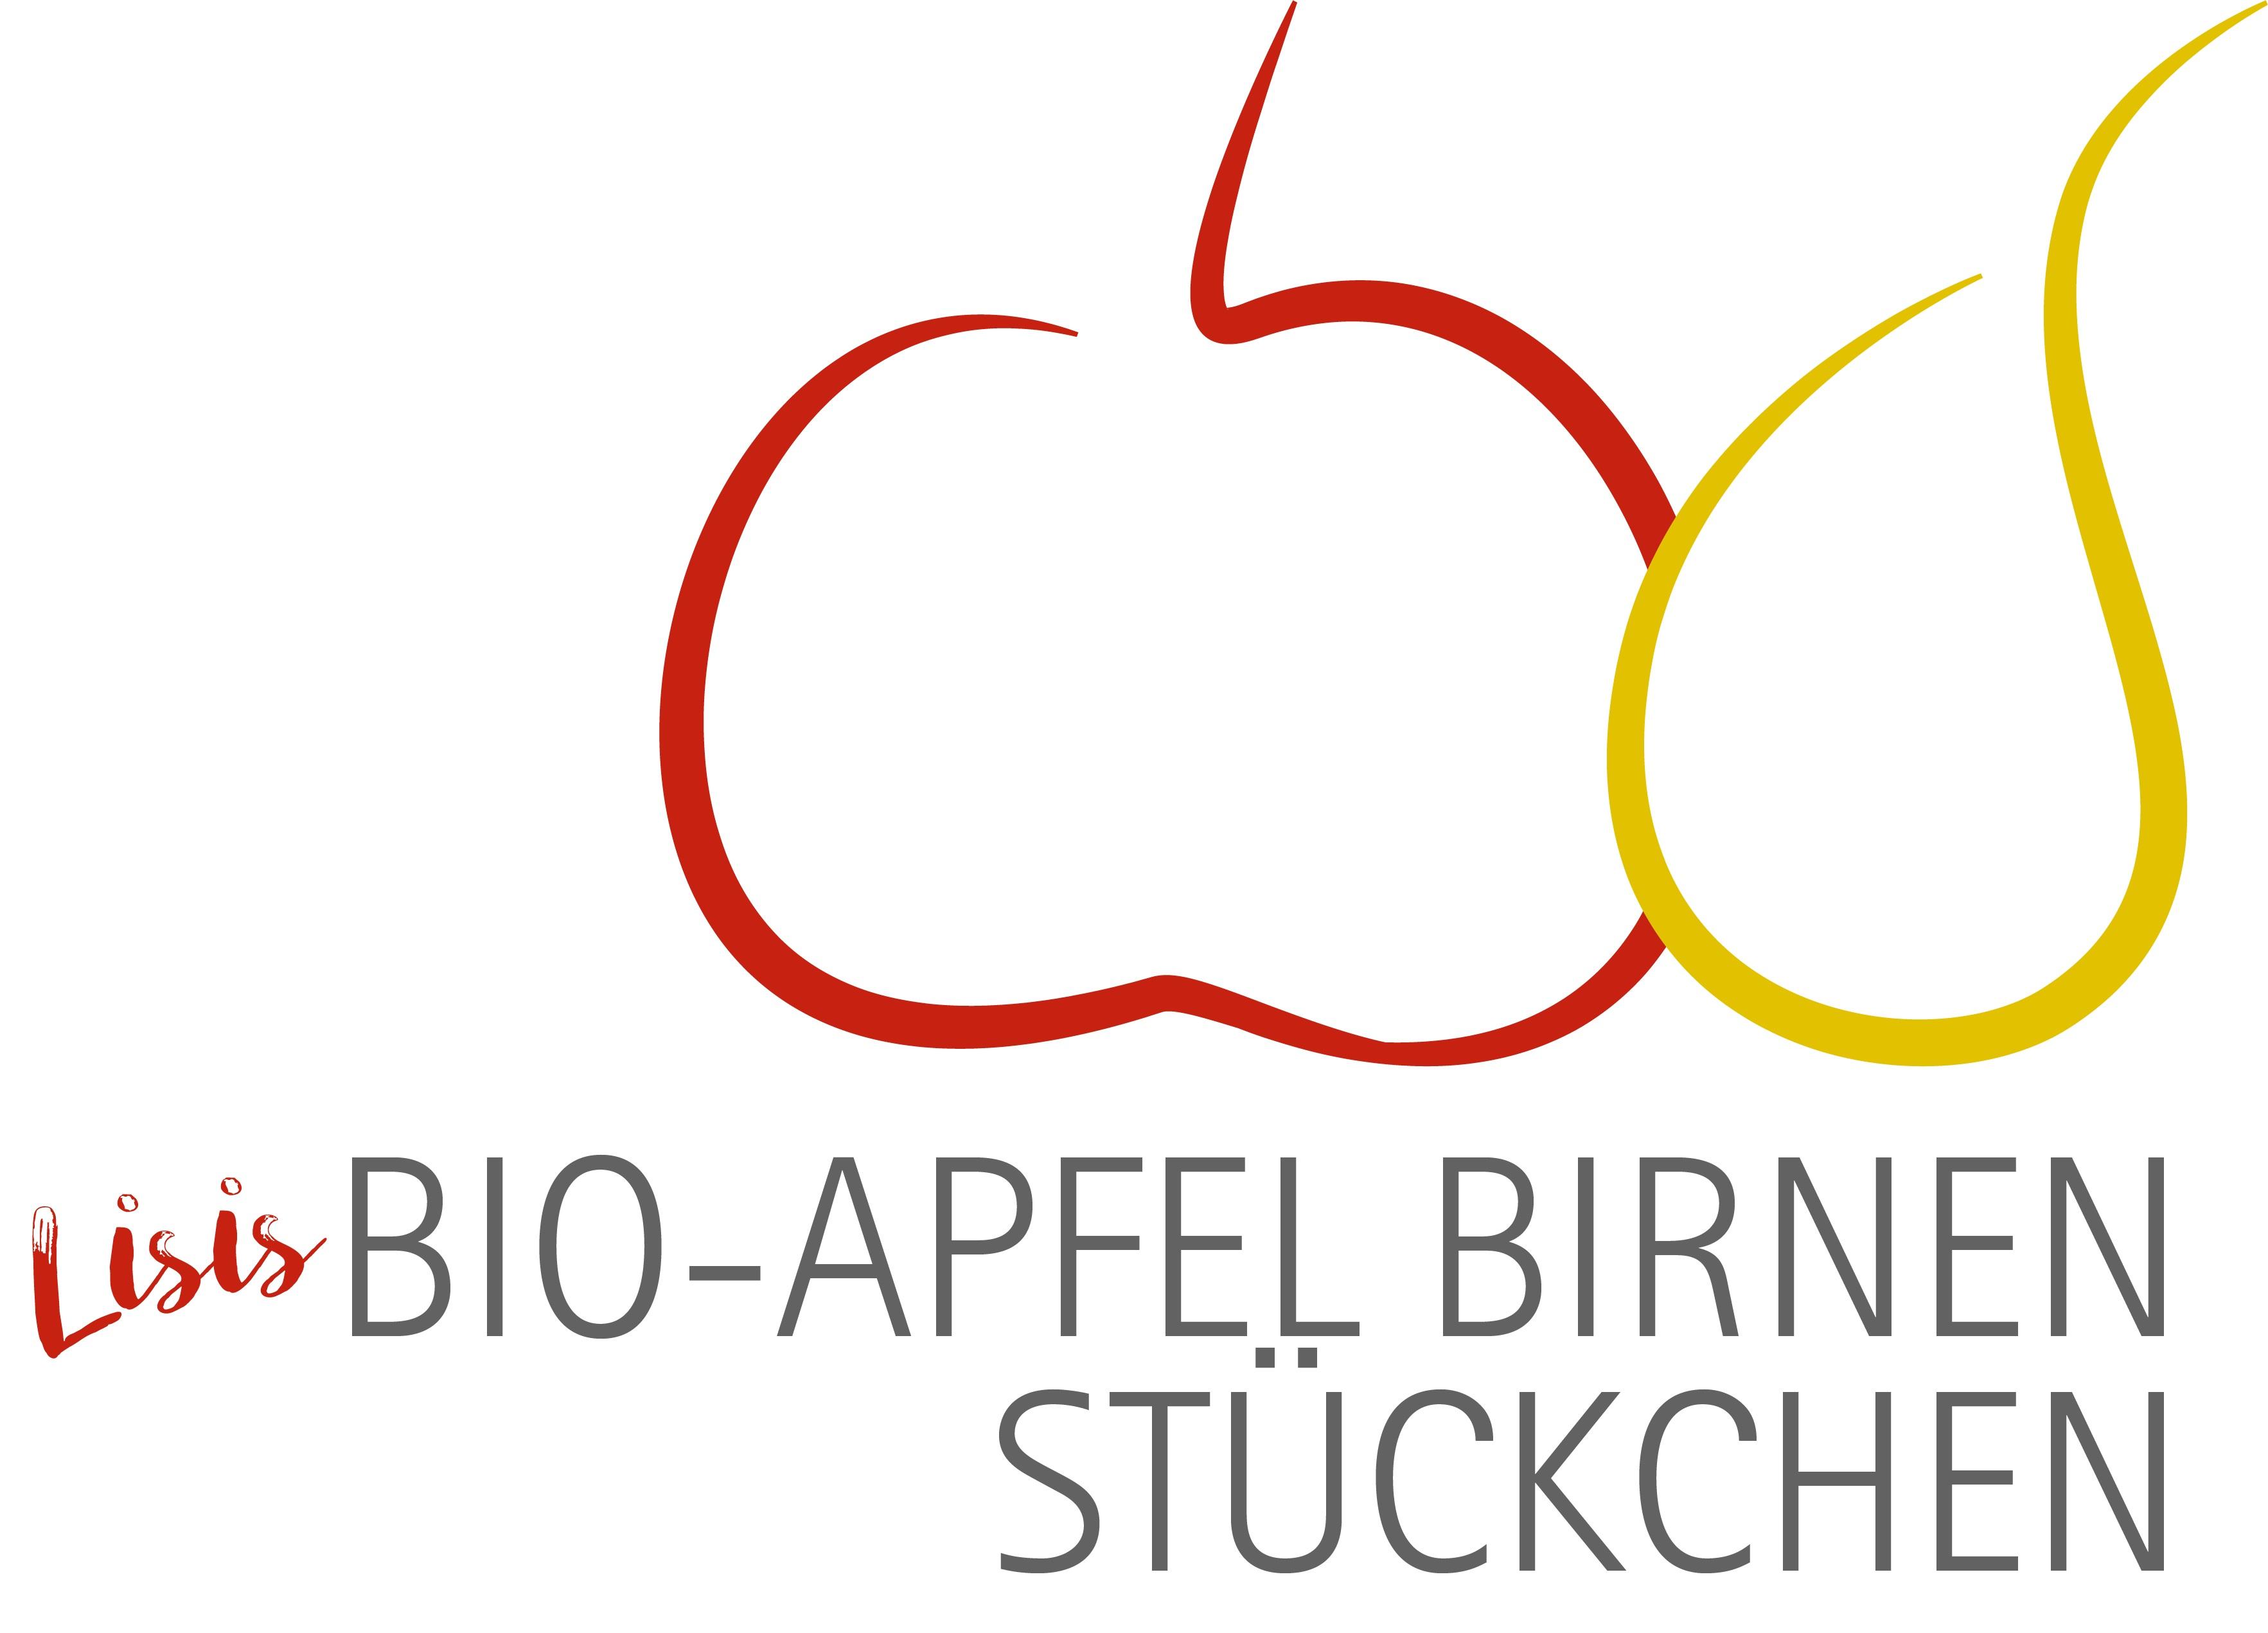 schweighofer_produktlogos-stuecke-apfel-birne_201218